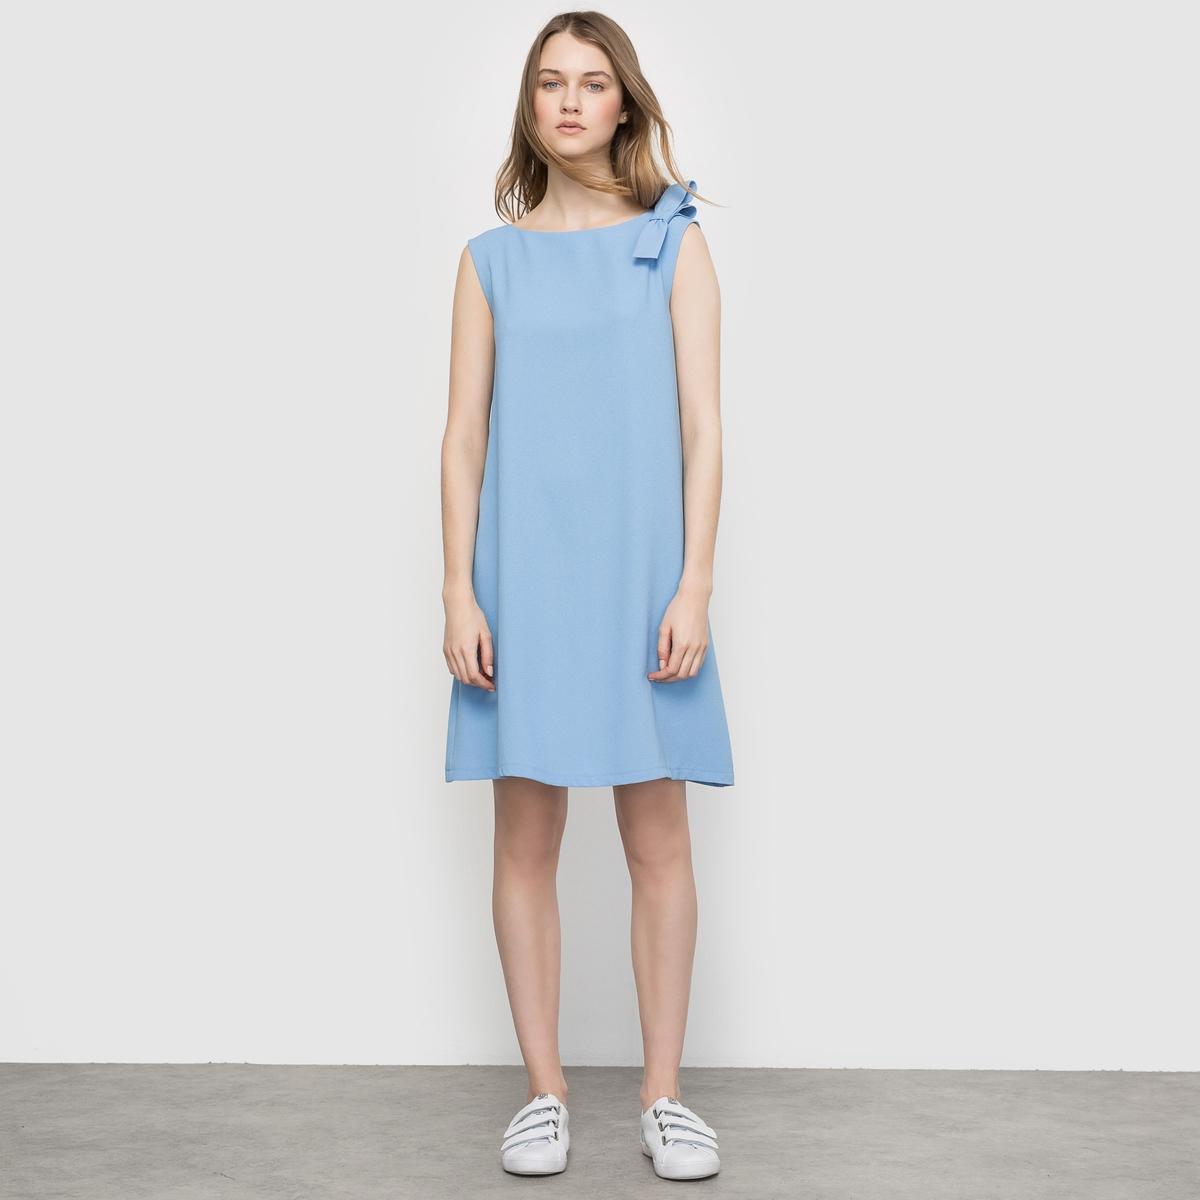 Платье из струящейся тканиПлатье из струящейся ткани без рукавов и с бантиком на плече  . Прямой покрой, закругленный вырез. Женственное и элегантное .Состав и описаниеМатериал : 98% полиэстера, 2% эластана.Длина : 90 смМарка : LES PETITS PRIX.<br><br>Цвет: небесно-голубой<br>Размер: 34 (FR) - 40 (RUS)